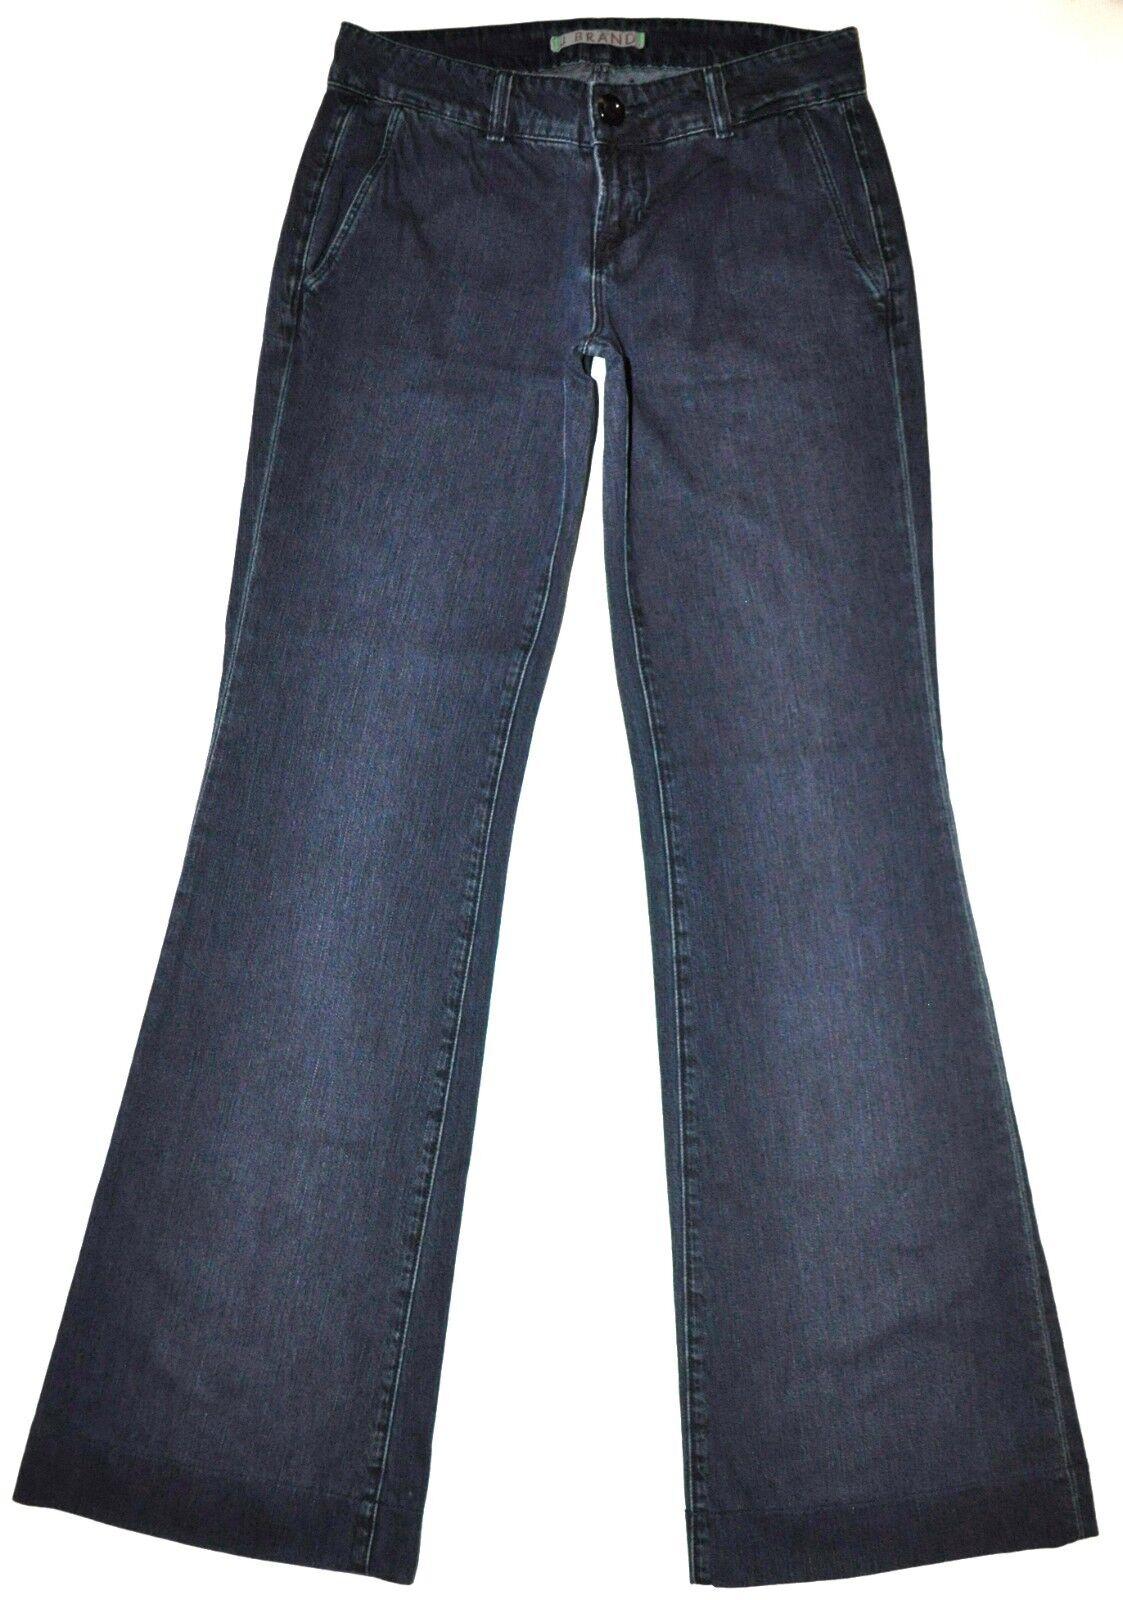 J Brand Women's Dark bluee Obsidian Seline Flare Trouser Jeans 26 X 33 3 4 Long